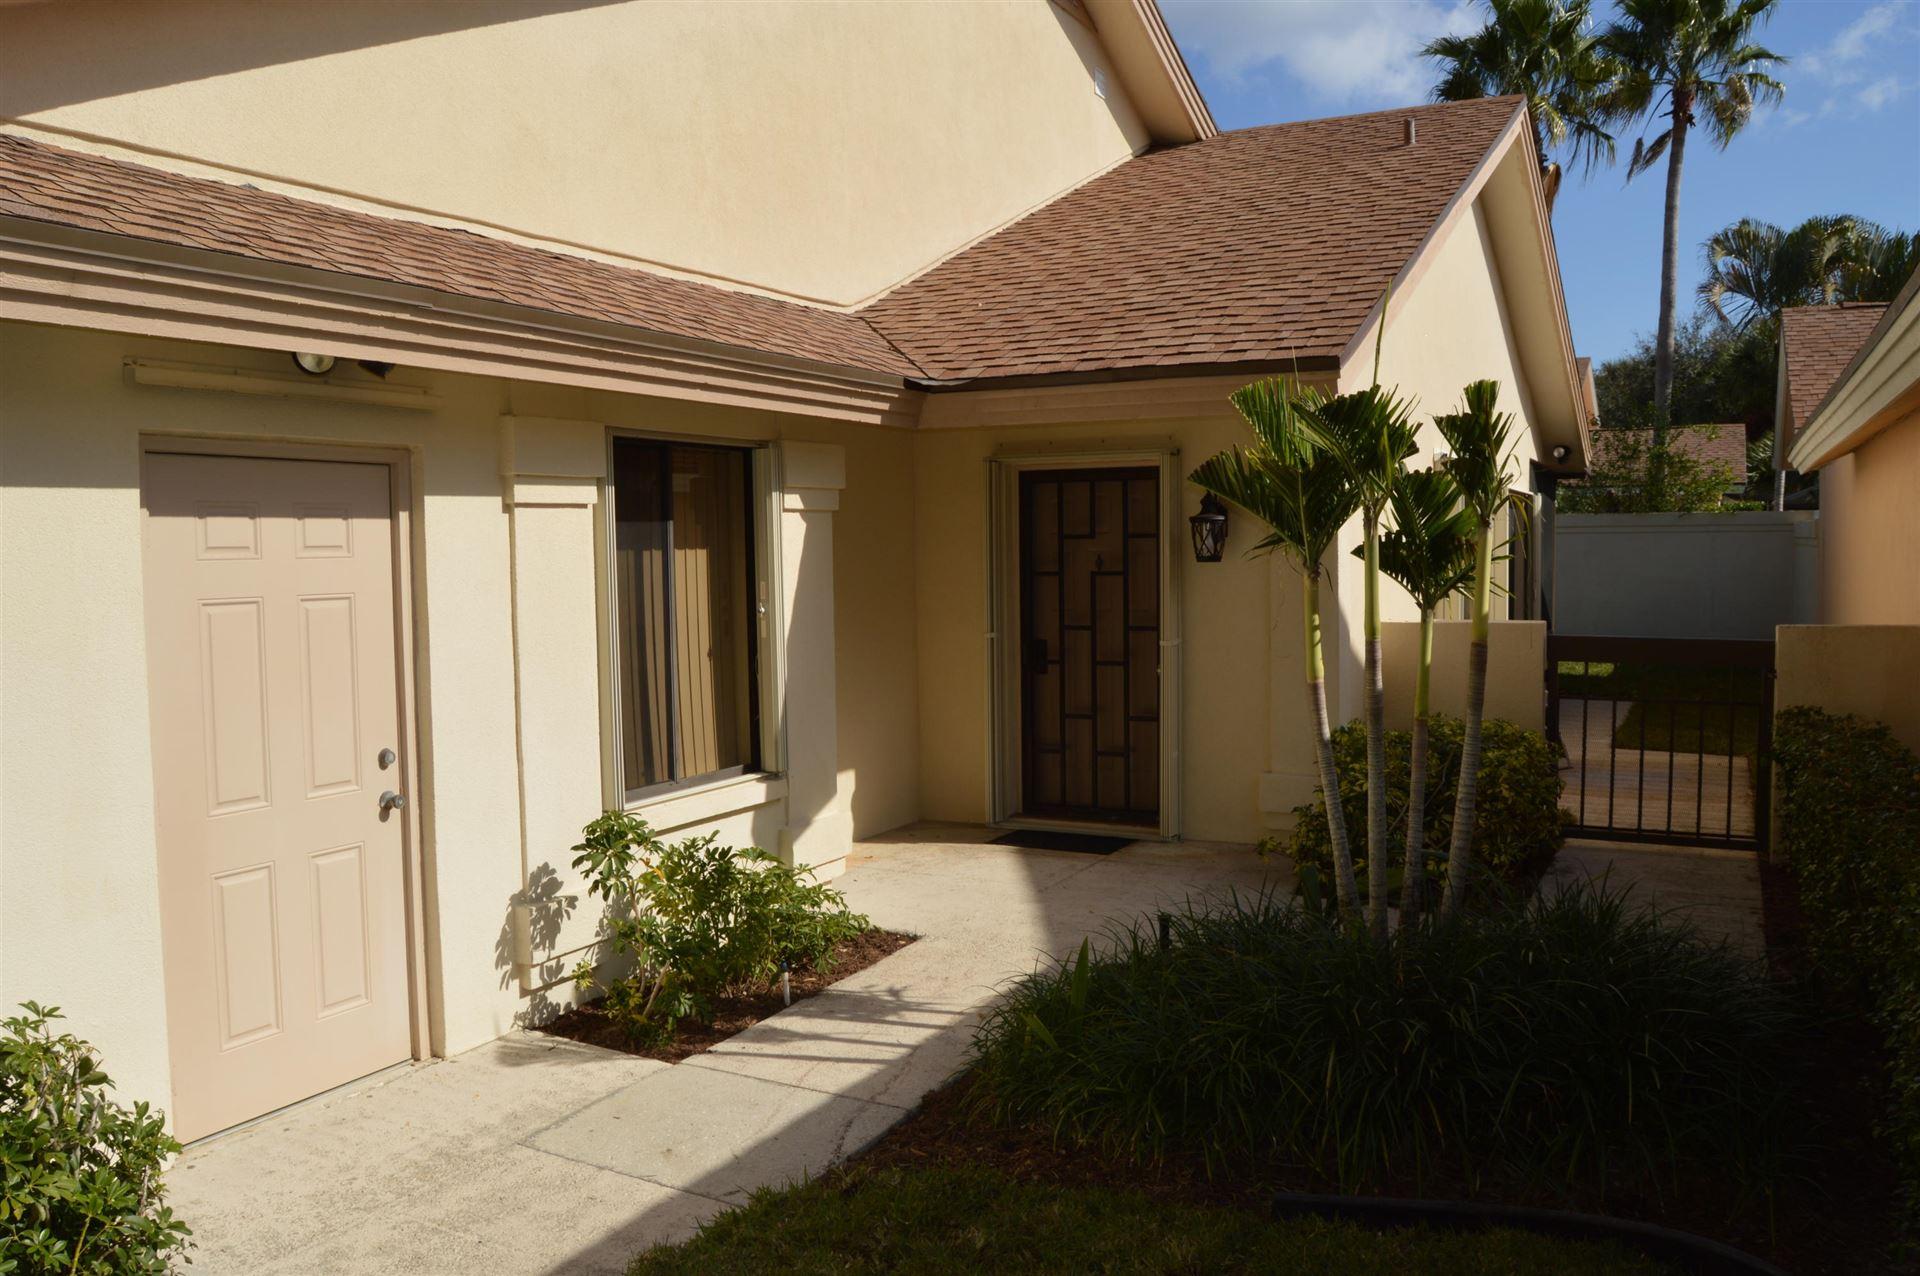 Photo of 313 Leeward Drive, Jupiter, FL 33477 (MLS # RX-10679679)